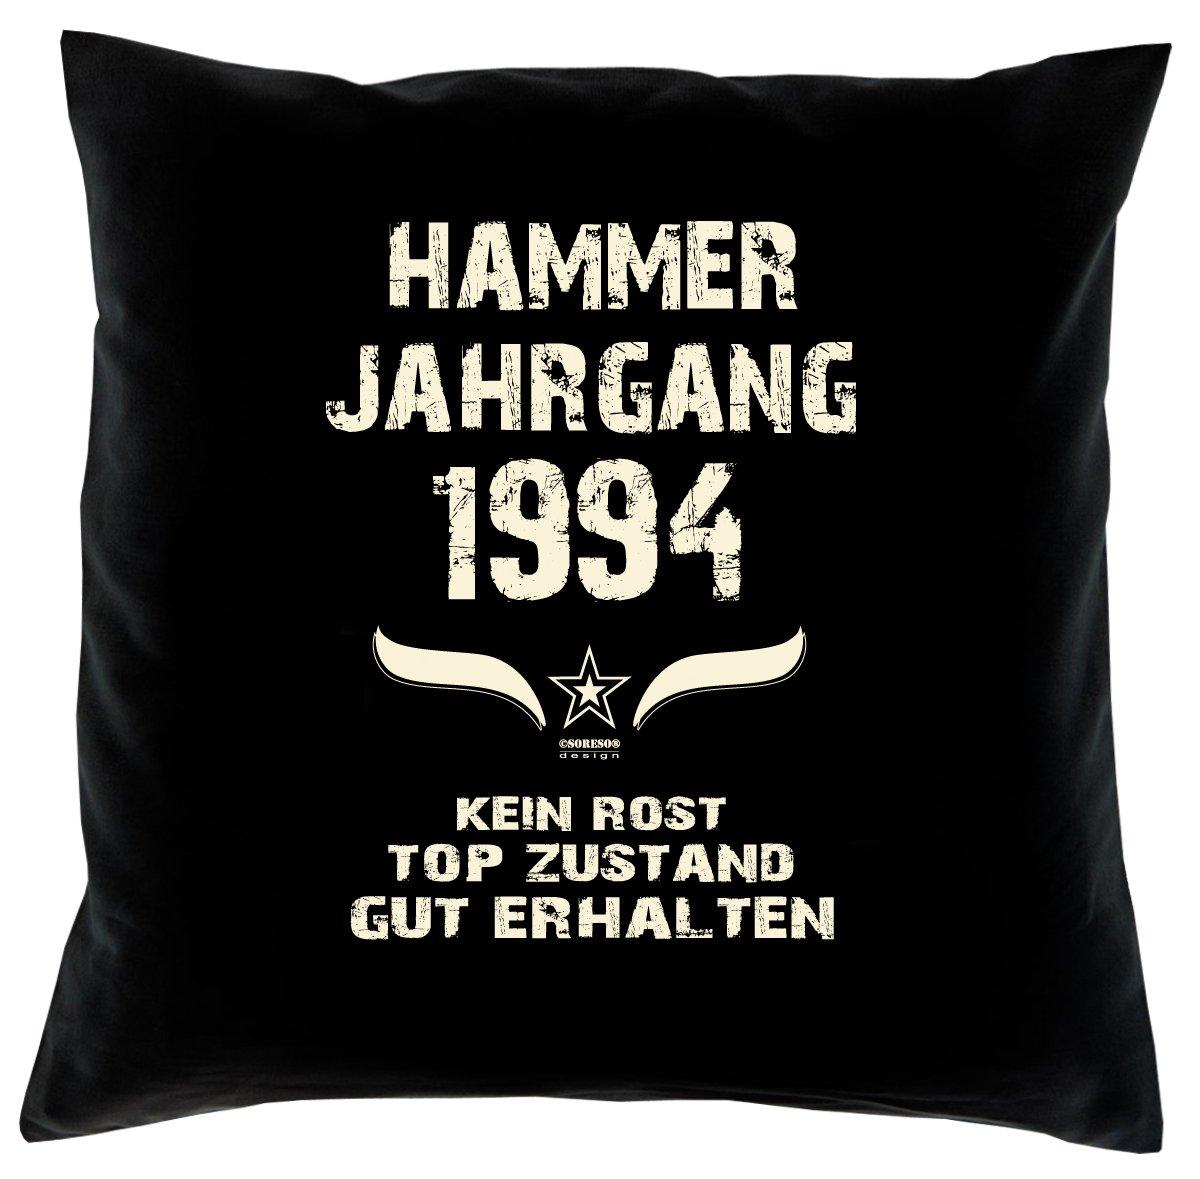 Cooles – Fun – Kissen – Sitzkissen – Zum 22. Geburtstag – Hammer Jahrgang 1994 Farbe: Schwarz – Größe: 40 x 40 cm online kaufen